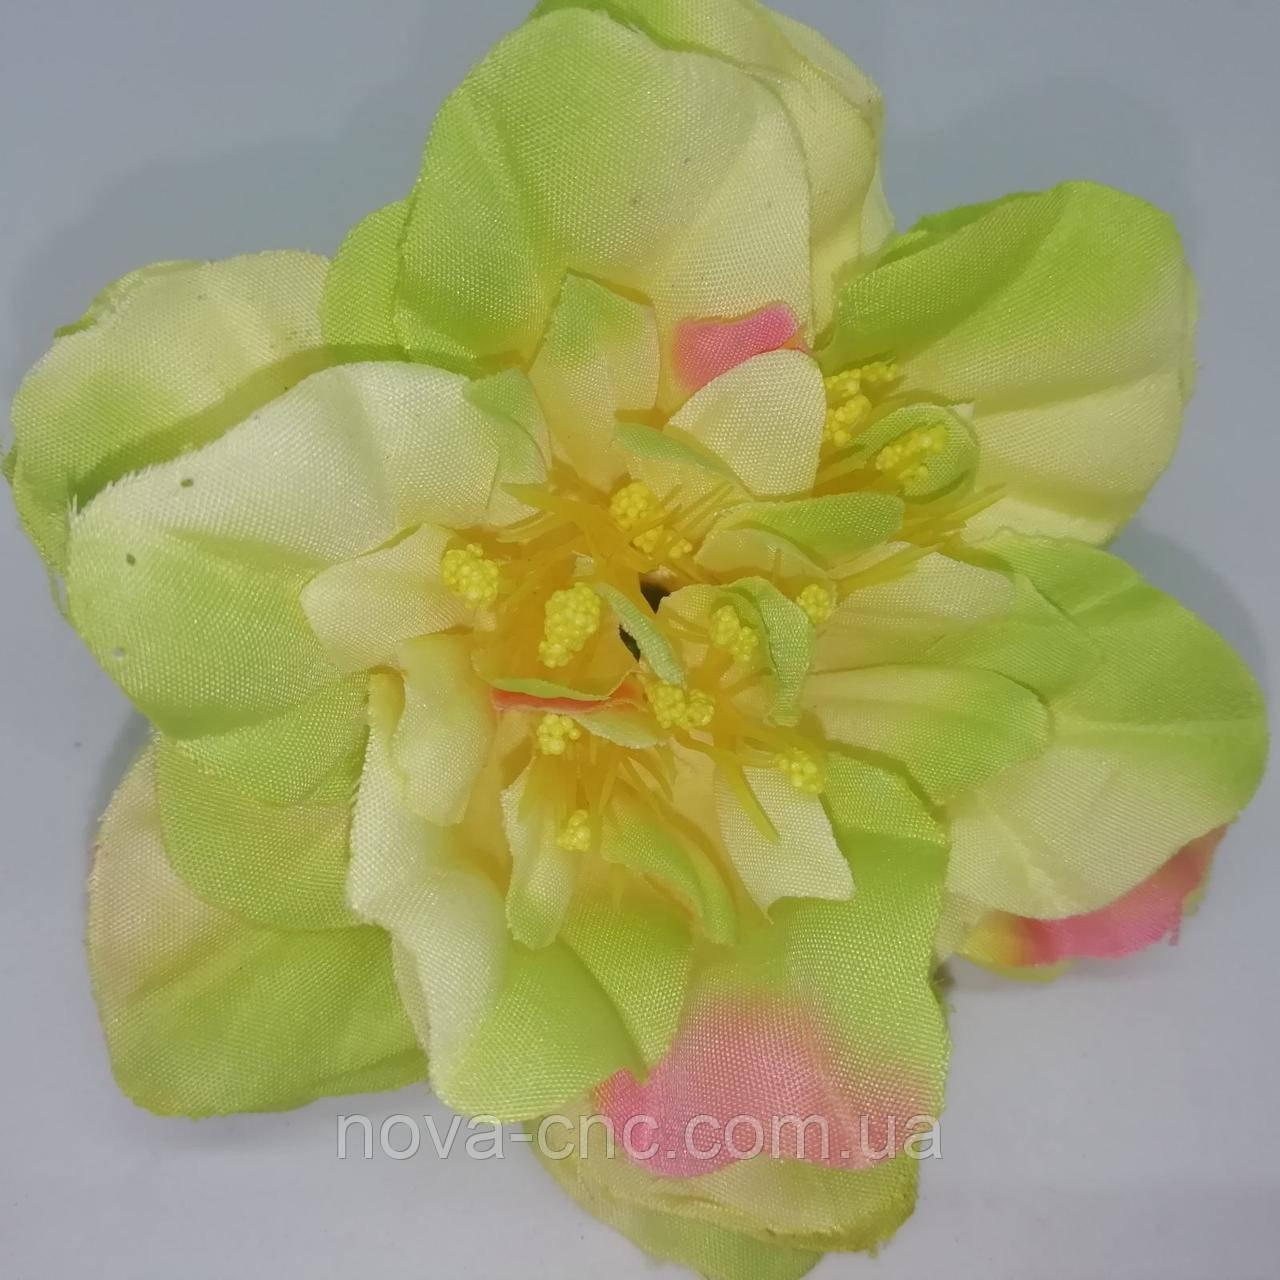 Квітка, тканинний жовто-зелений 9 см 15 шт в упаковці